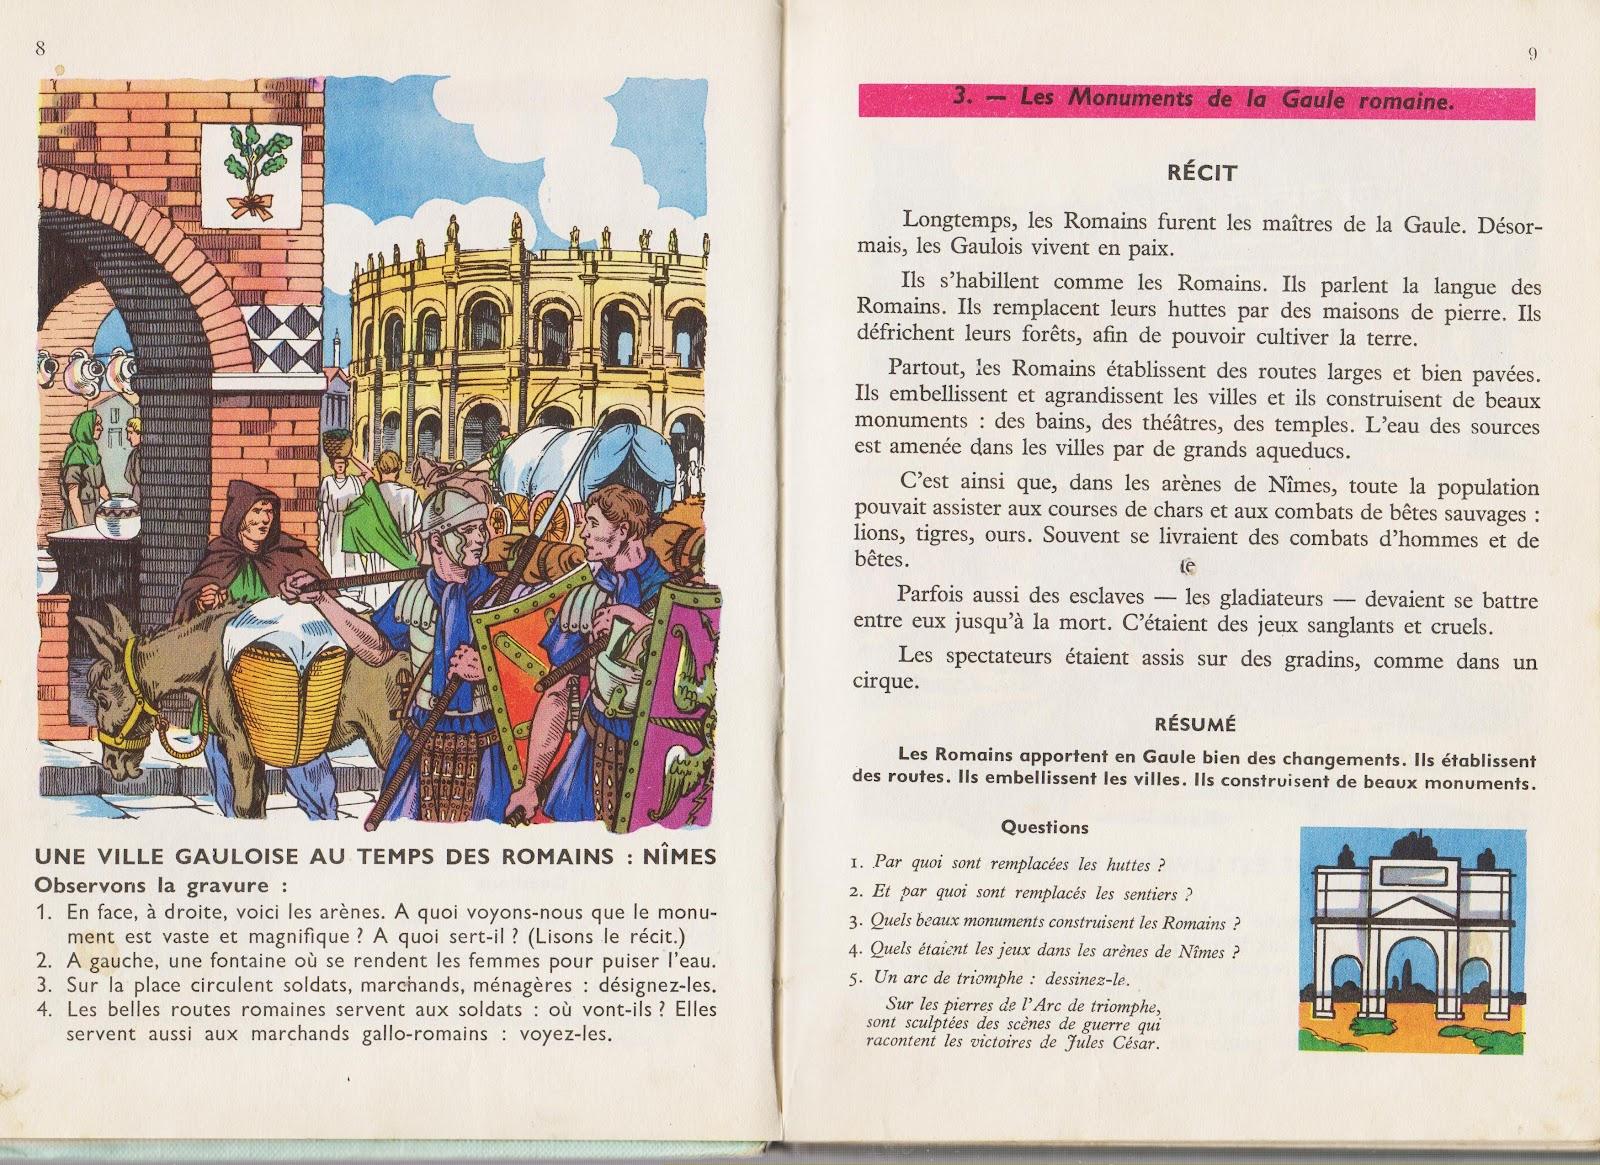 5 avantages des illustrations dans les vieux manuels d'histoire Pages+008-009+